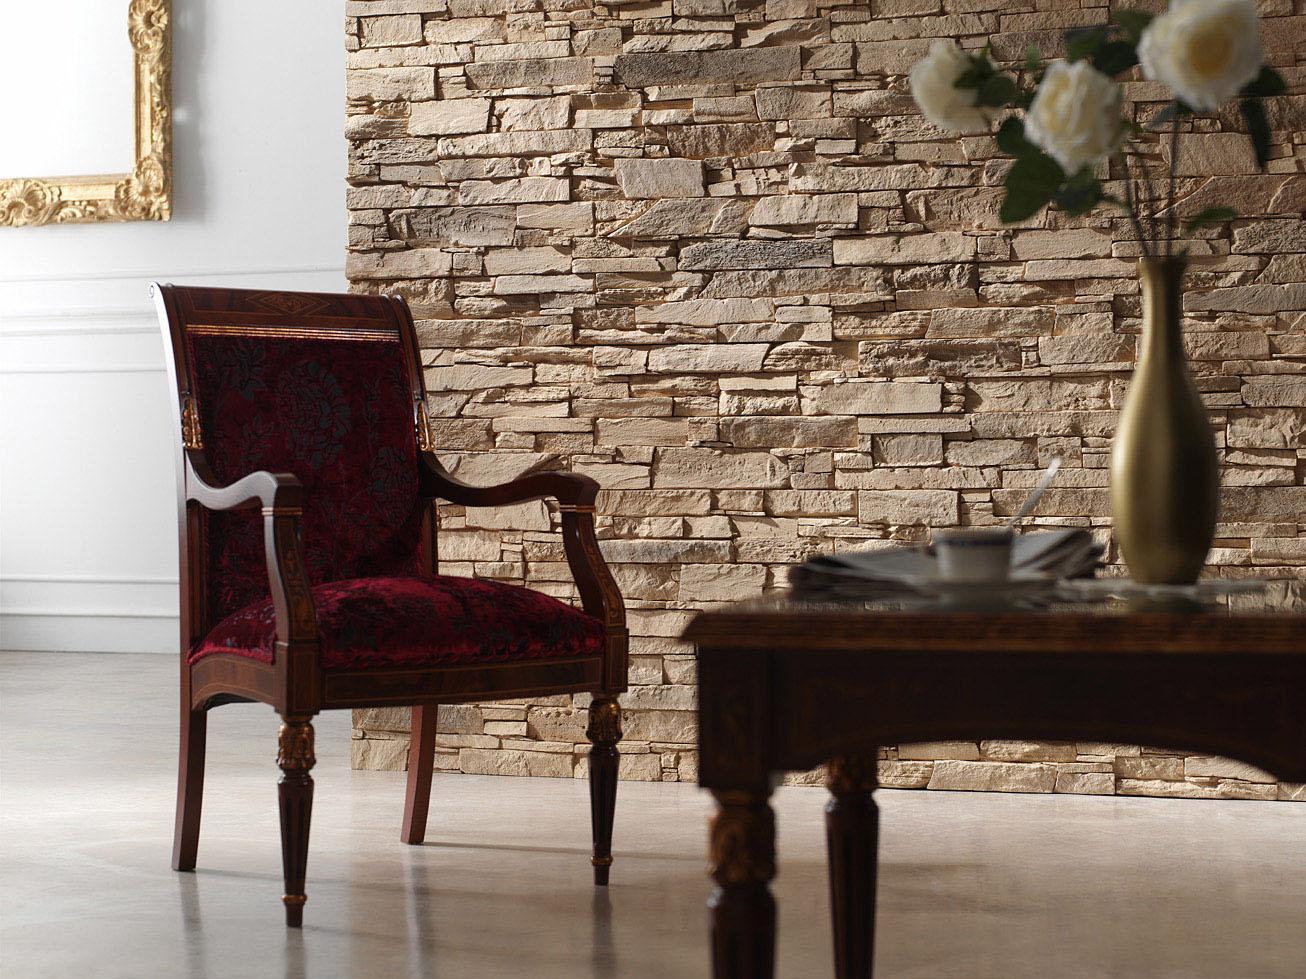 Papeles decorativos y decorative walls - Paredes de piedra artificial ...